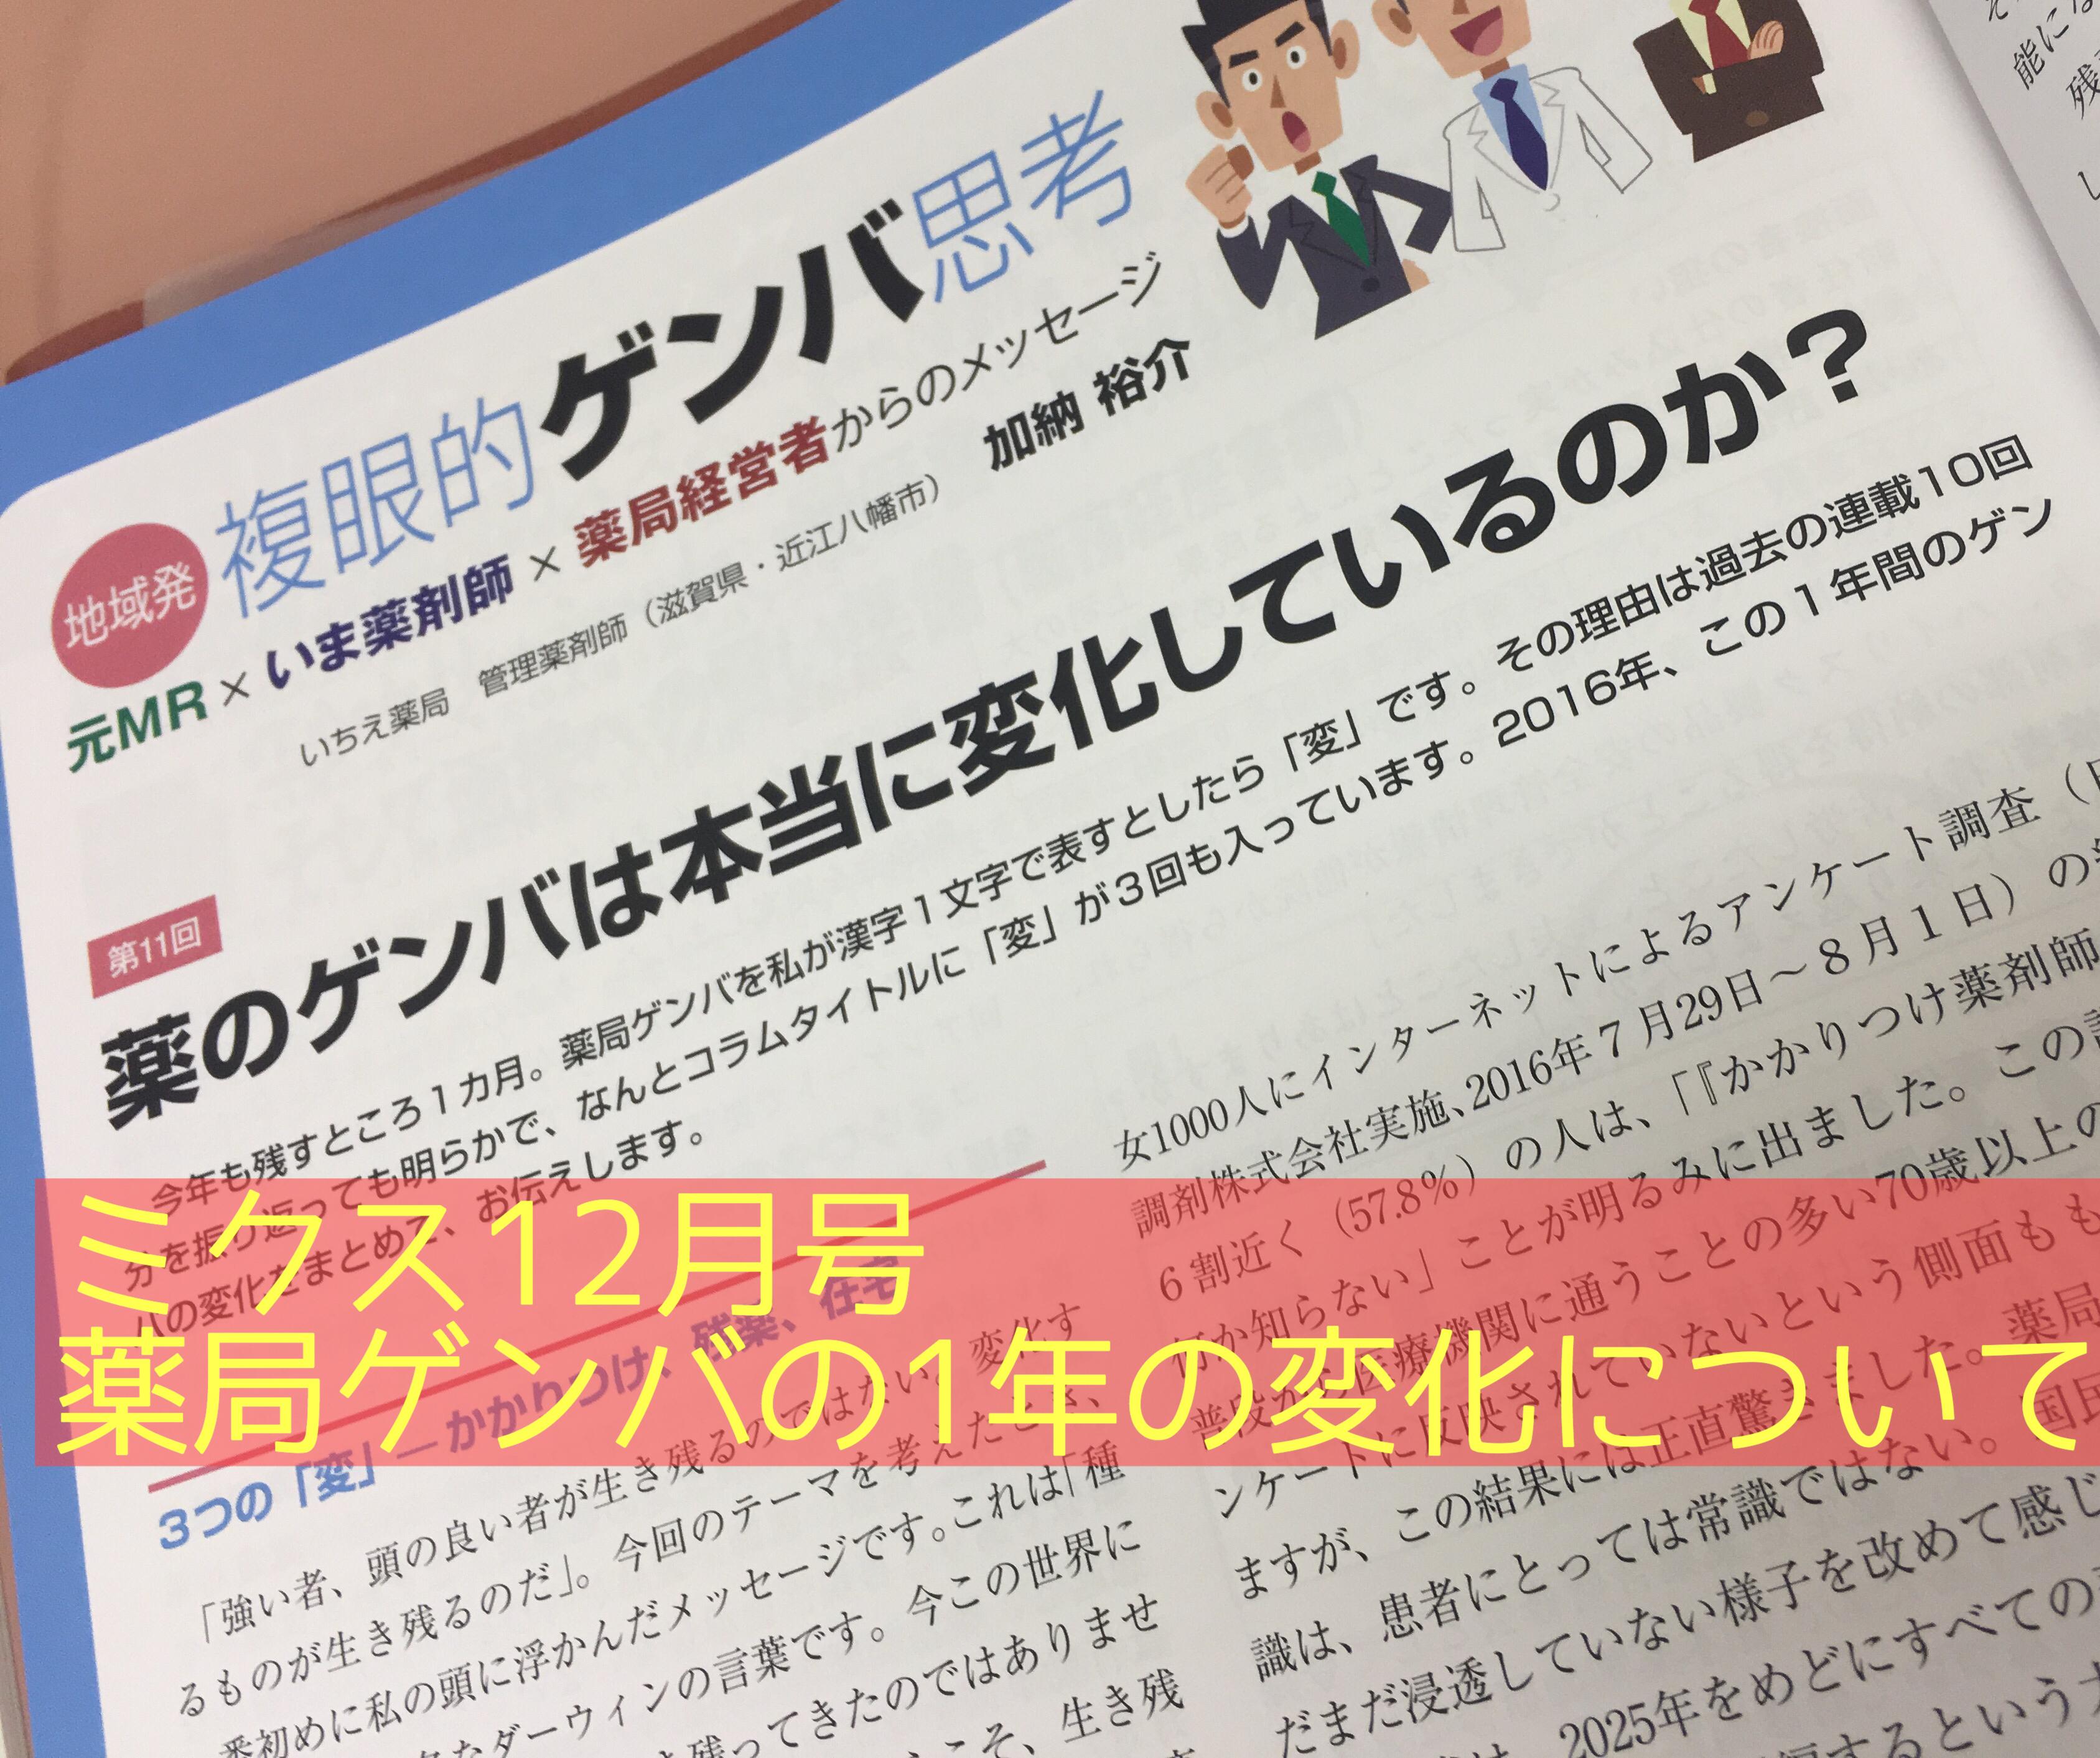 【必見!】ミクス12月号は『薬局ゲンバの1年の変化』をテーマに!!